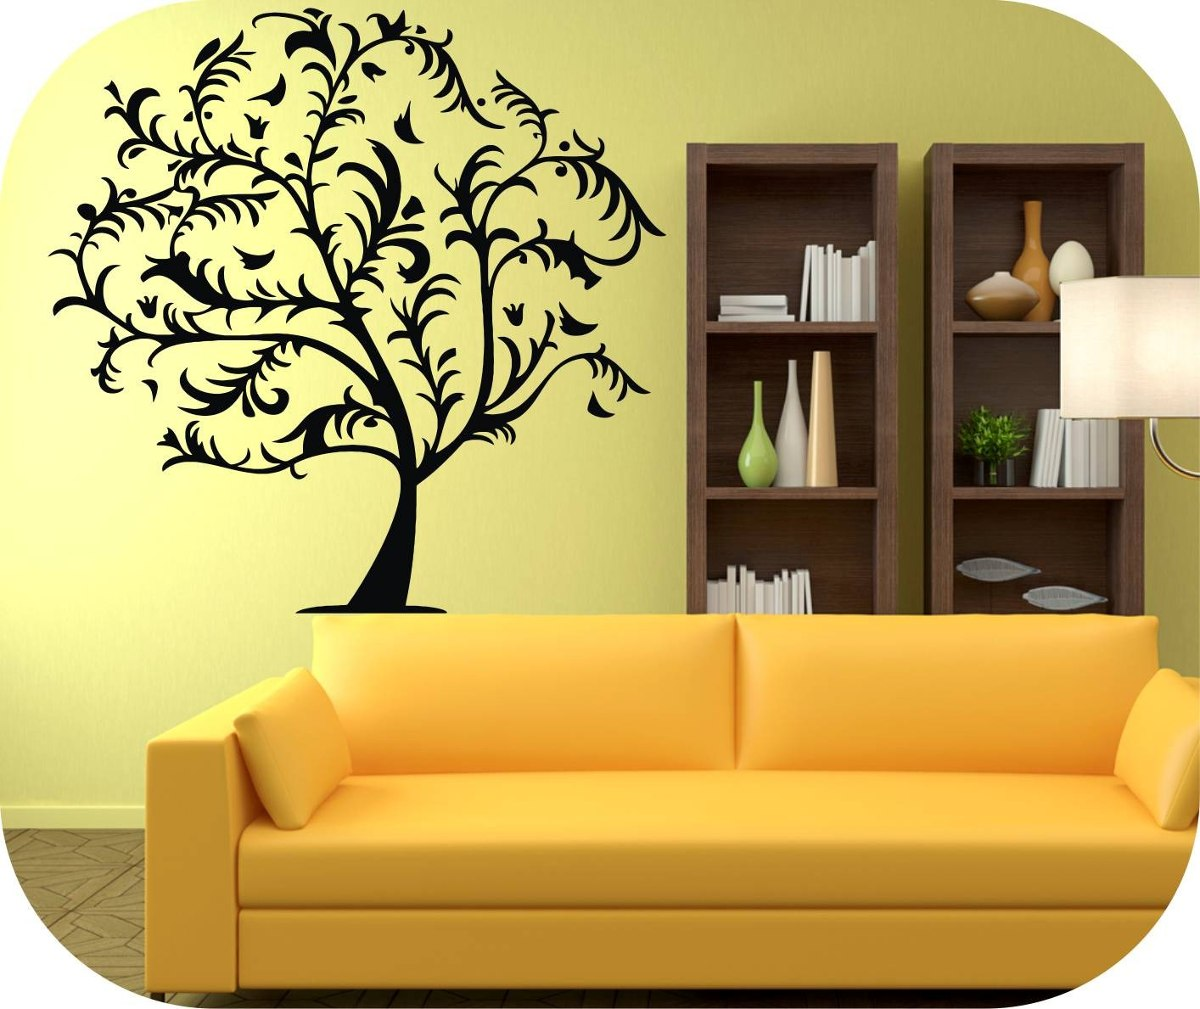 Vinilos decorativos arboles y ramas decoracion paredes stic bs en mercado libre - Vinilos decorativos arboles ...